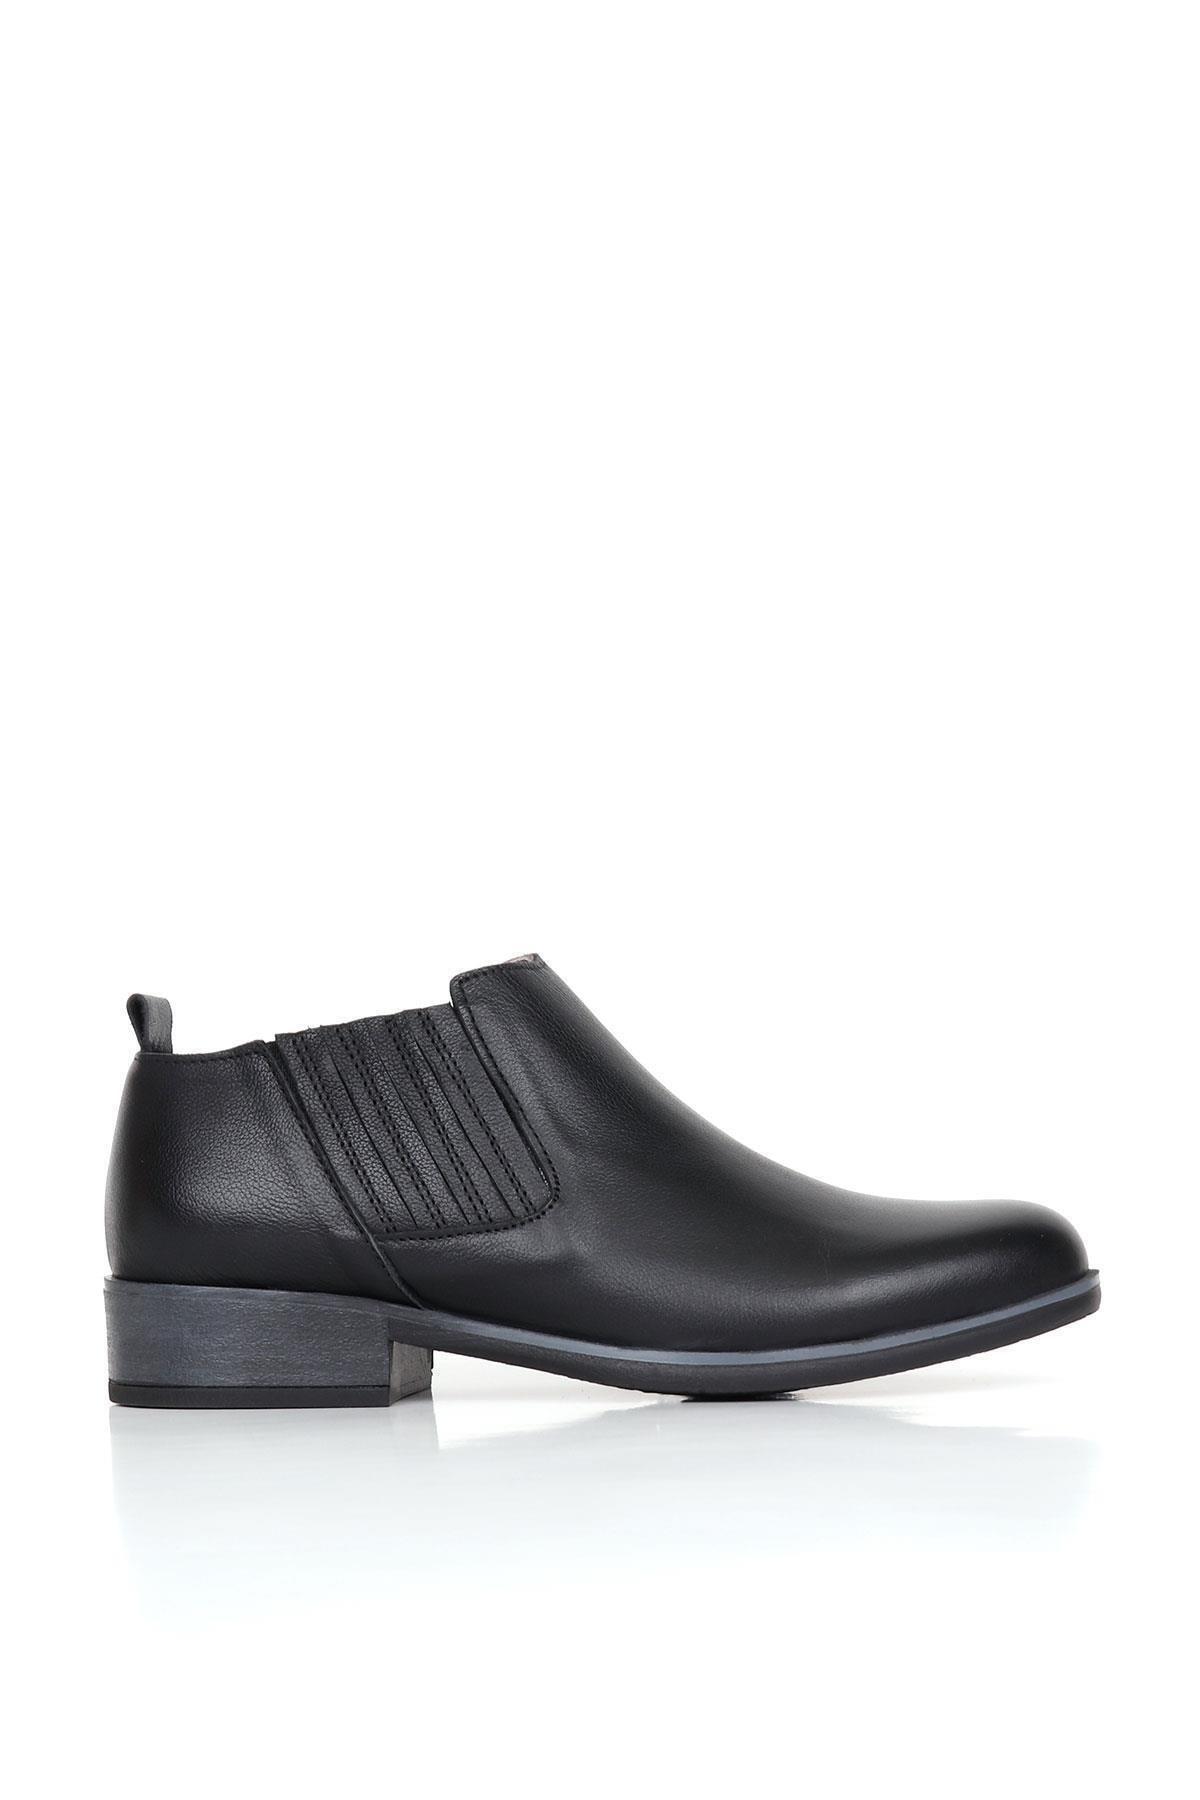 BUENO Shoes Hakiki Deri Kadın Düz Ayakkabı 01wr3310